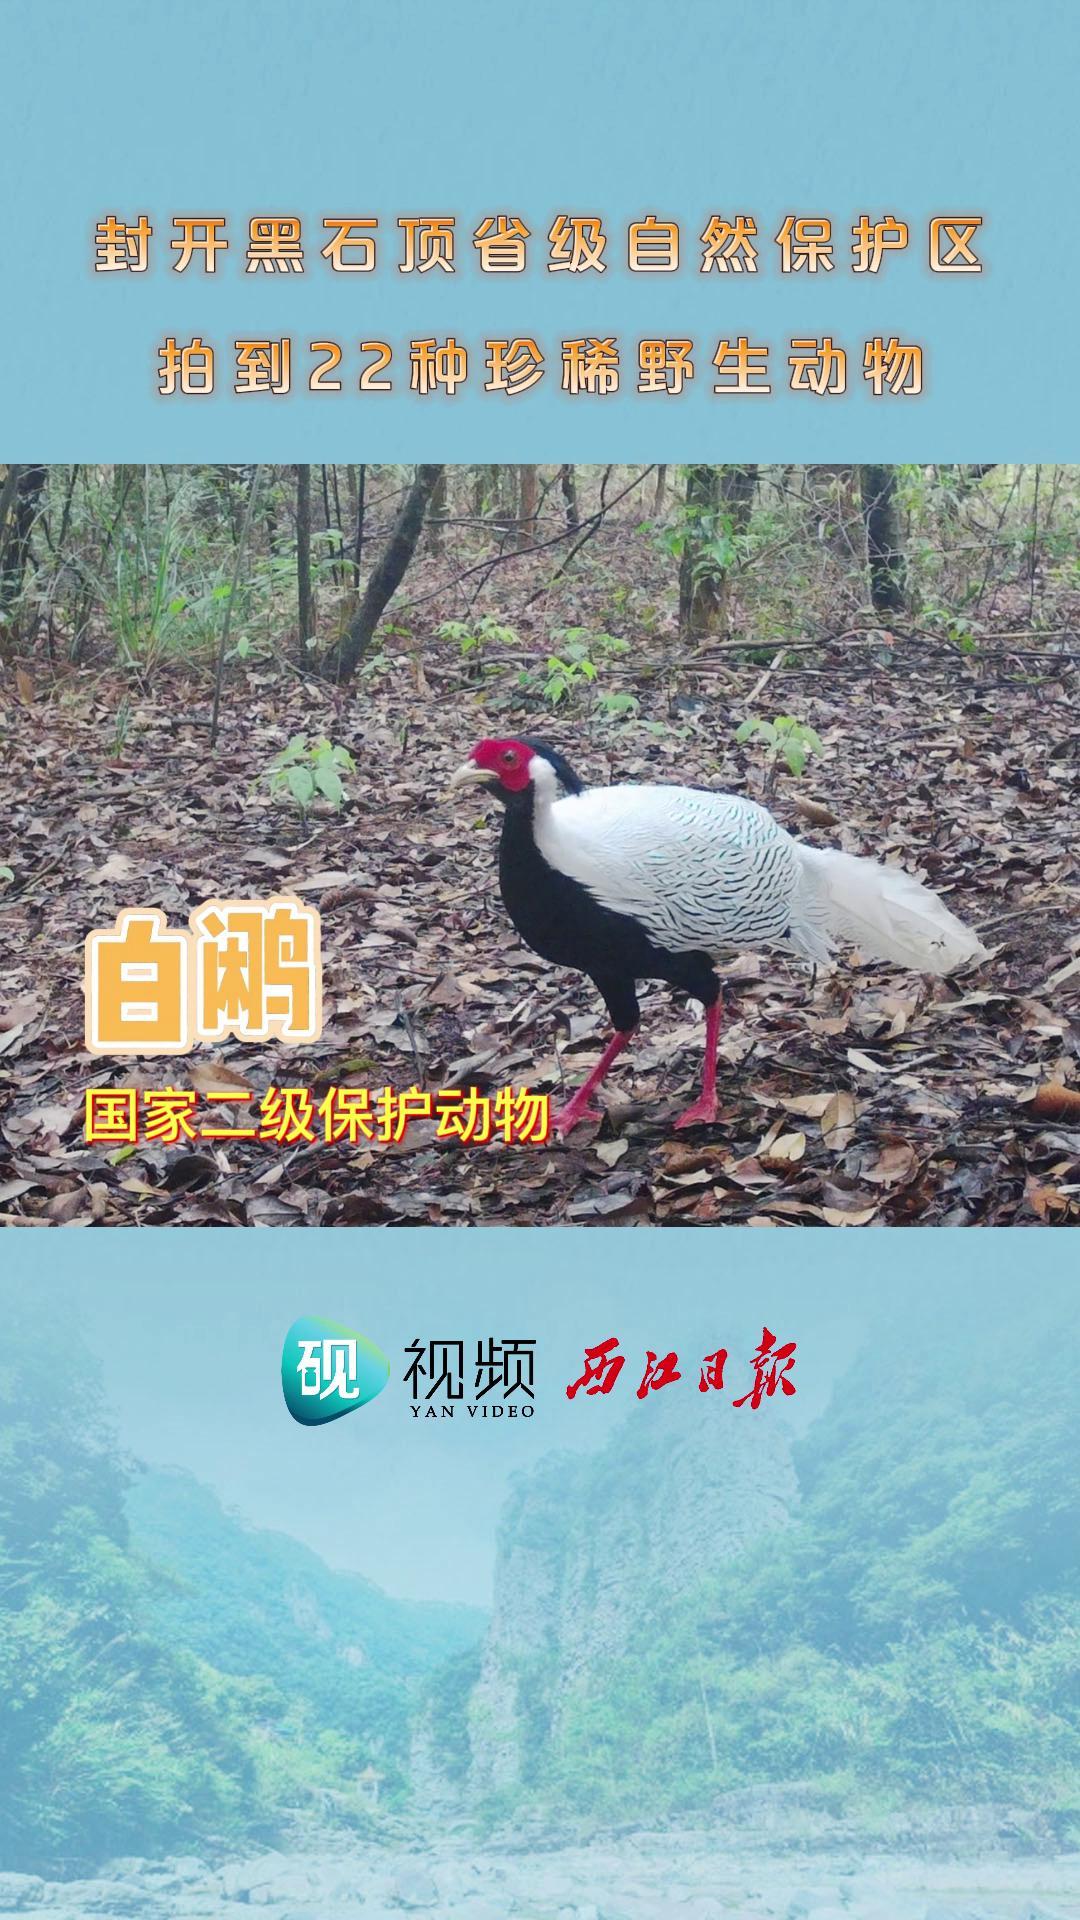 封开黑石顶省级自然保护区拍到22种珍稀野生动物